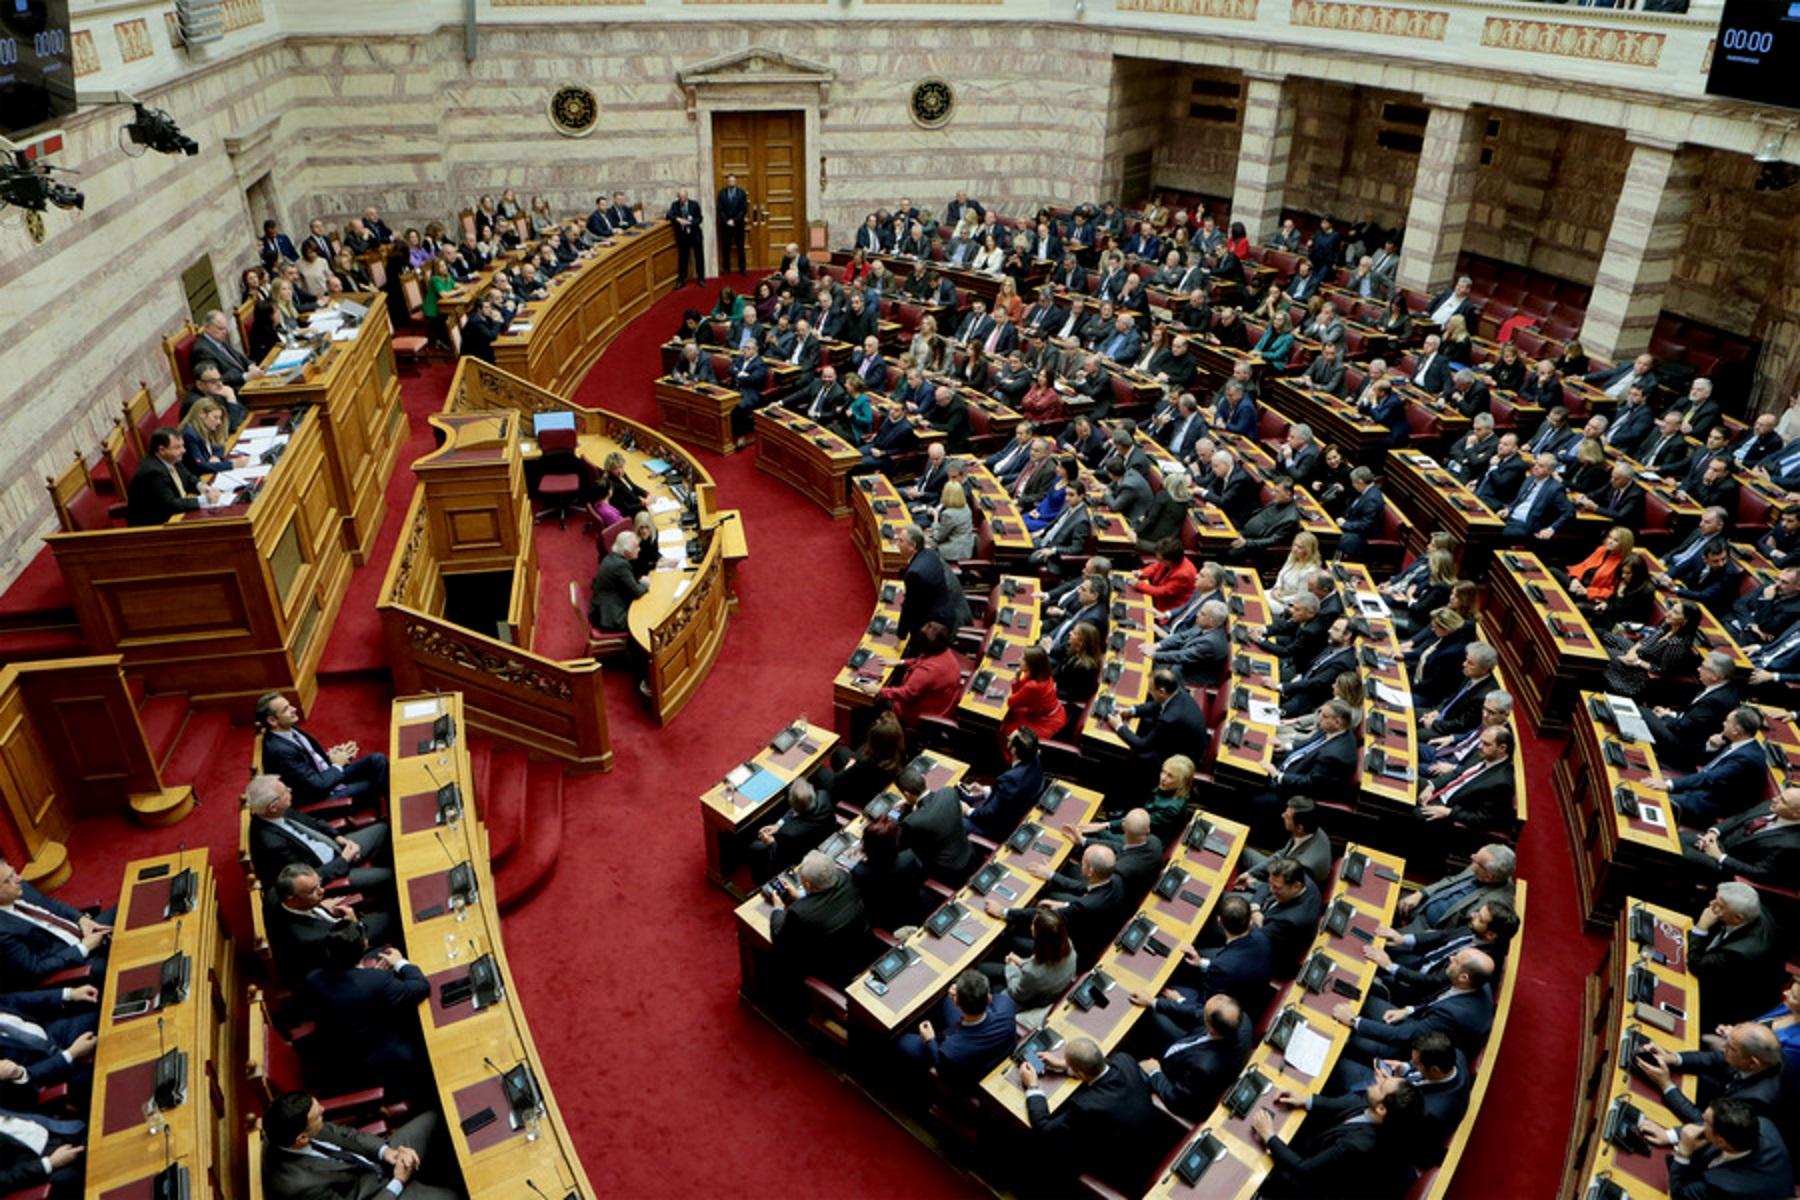 Βουλή: Δεκτό επί της αρχής το νομοσχέδιο για το νέο ασφαλιστικό